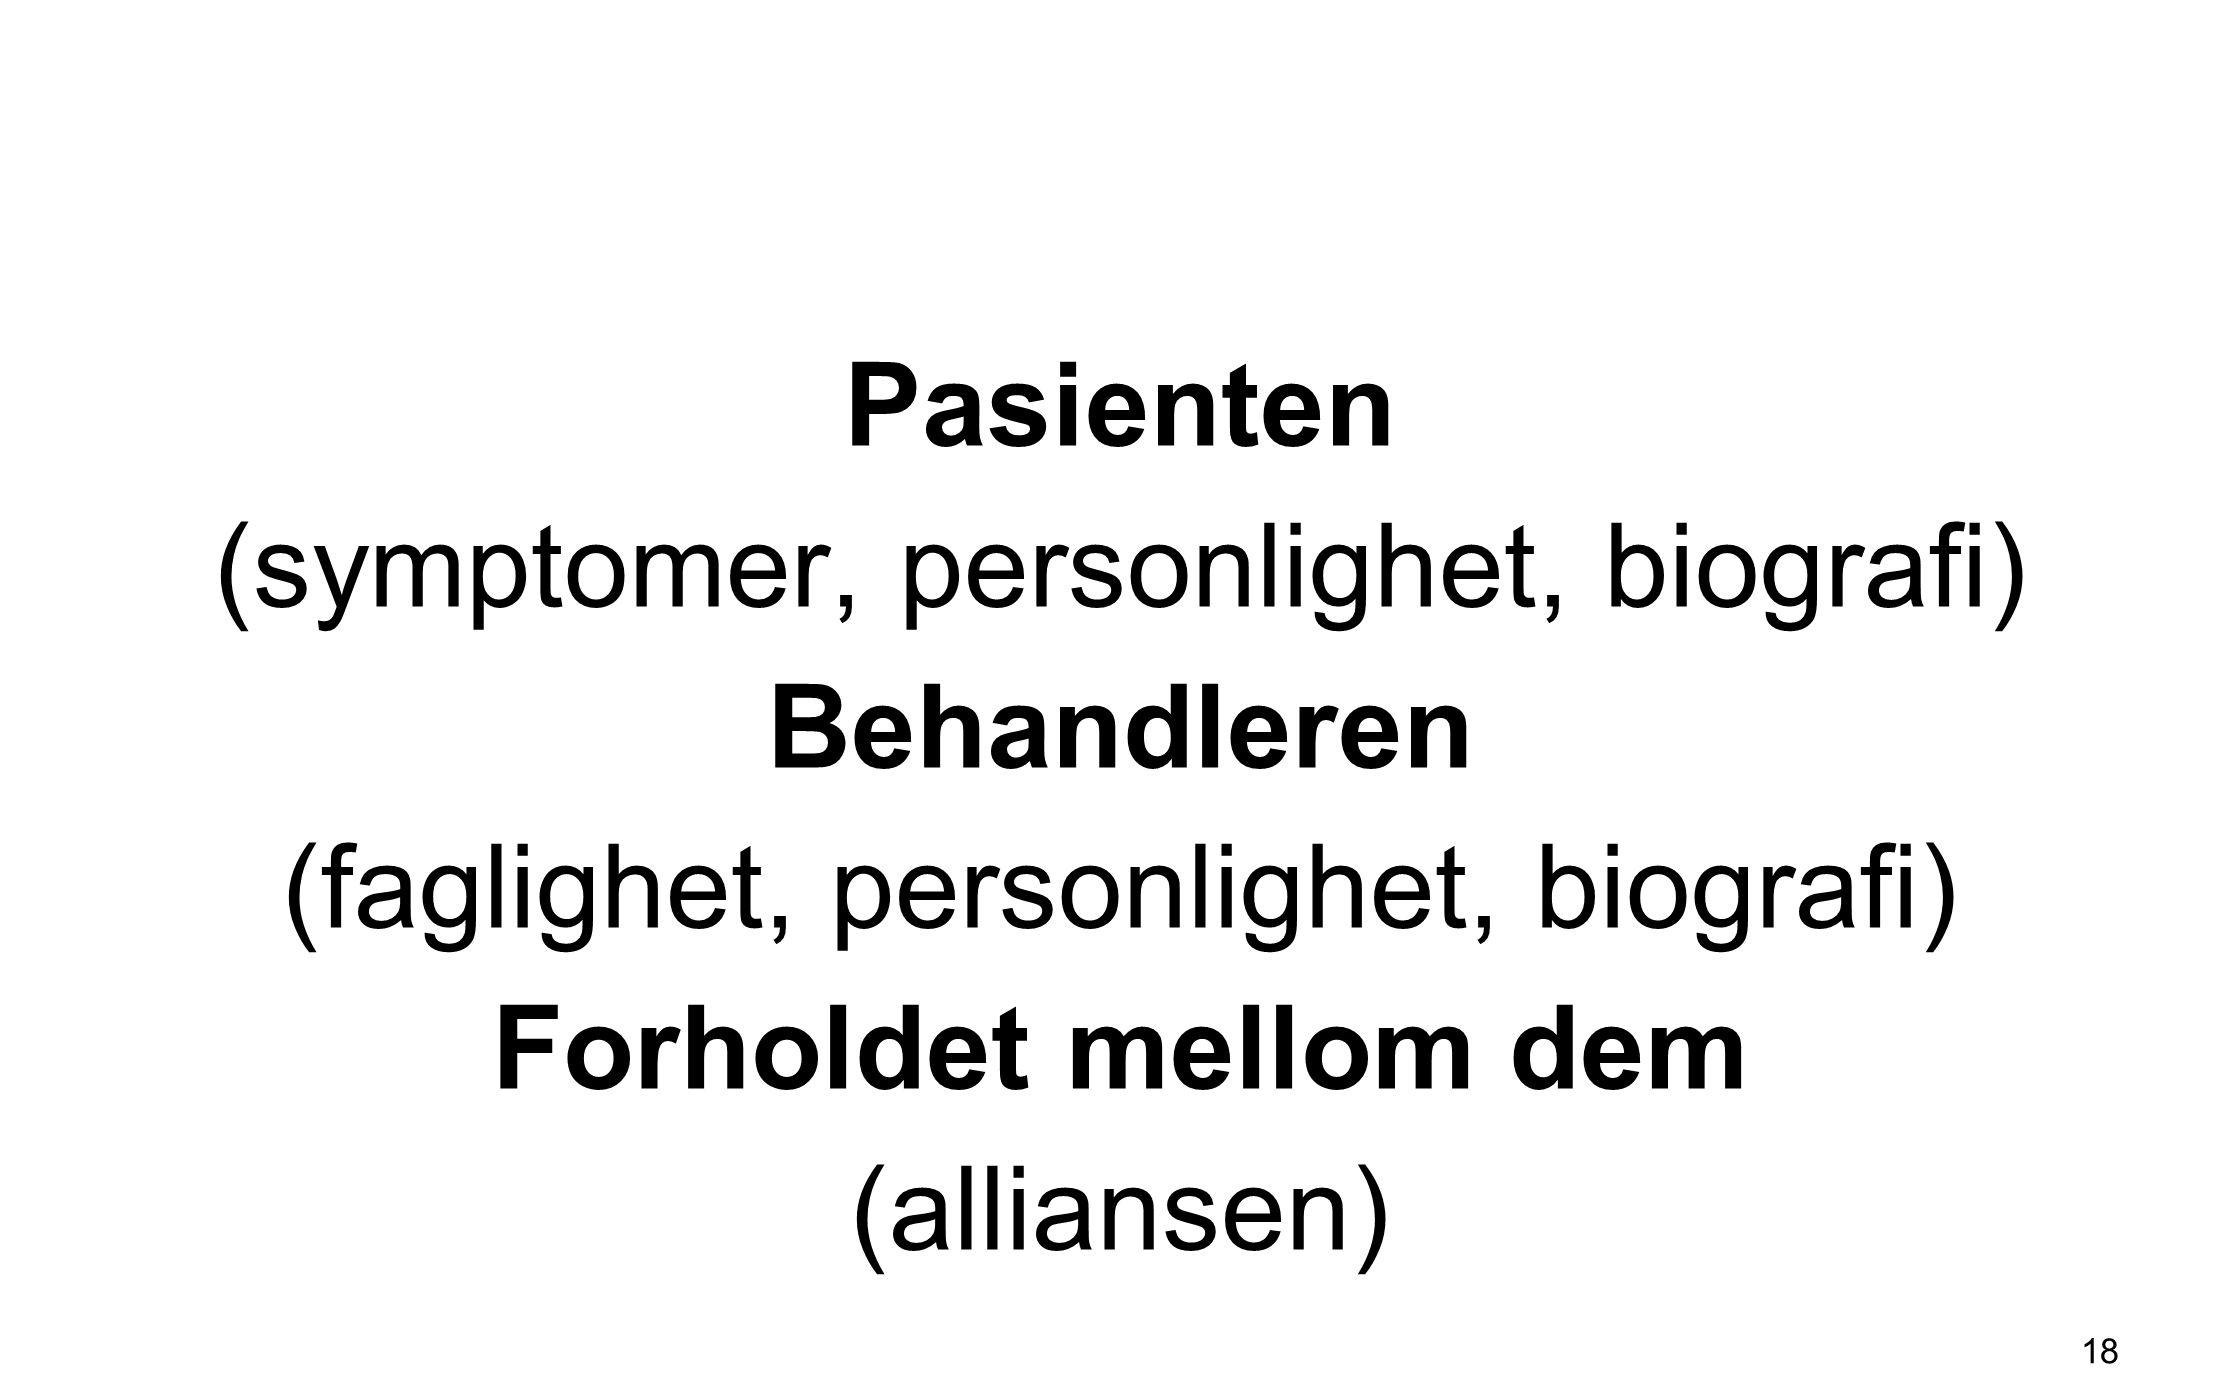 Pasienten (symptomer, personlighet, biografi) Behandleren (faglighet, personlighet, biografi) Forholdet mellom dem (alliansen) 18